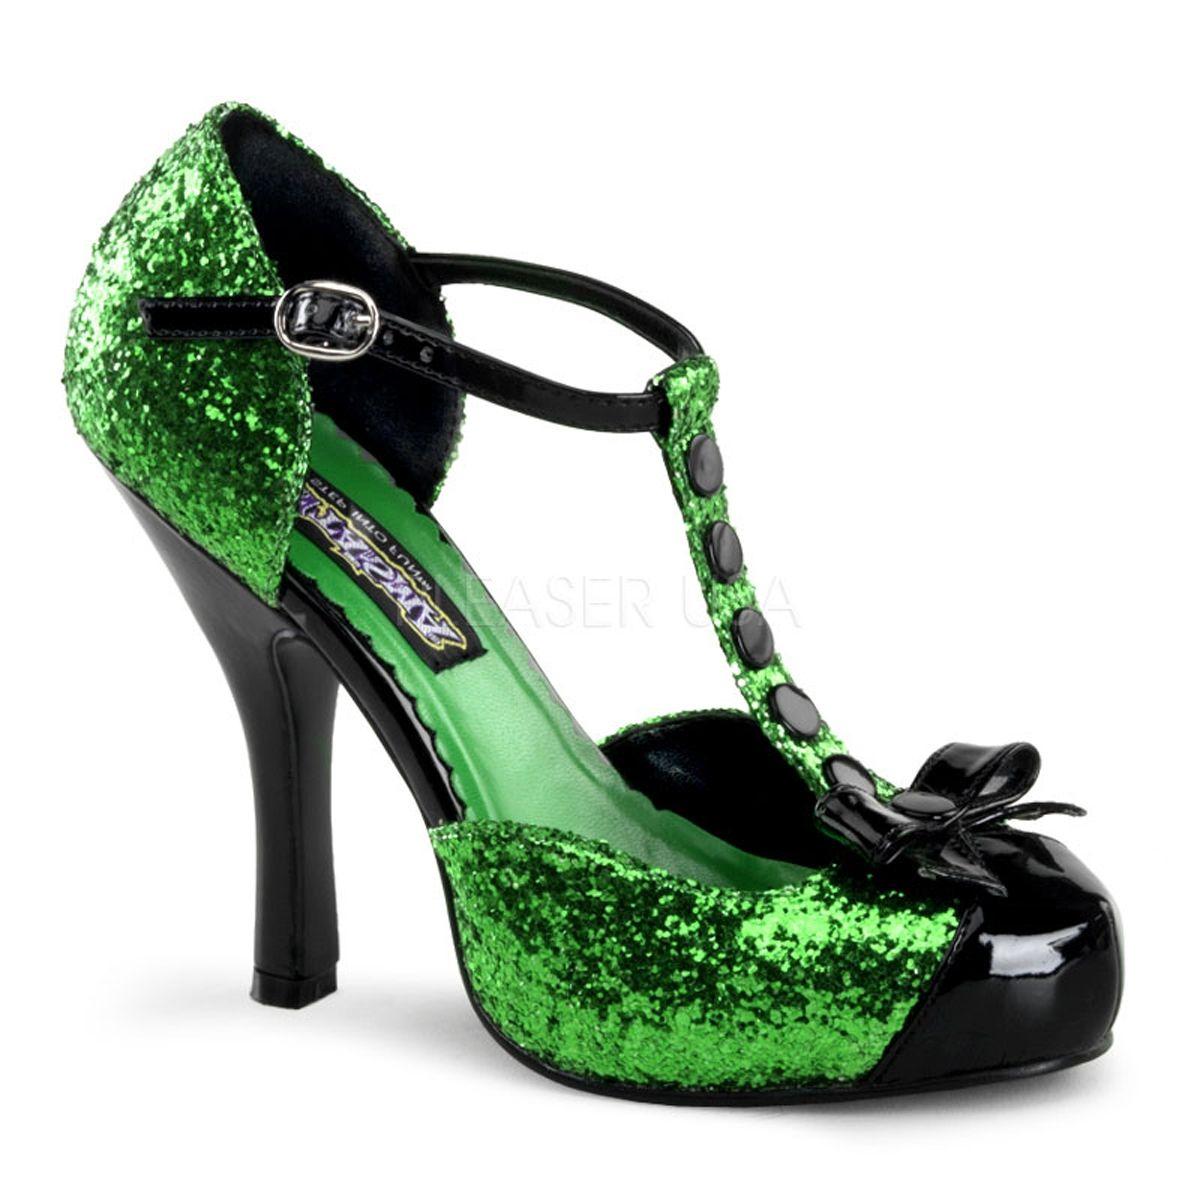 Женские зеленые туфли (28) - Обувь для костюмов, р.28